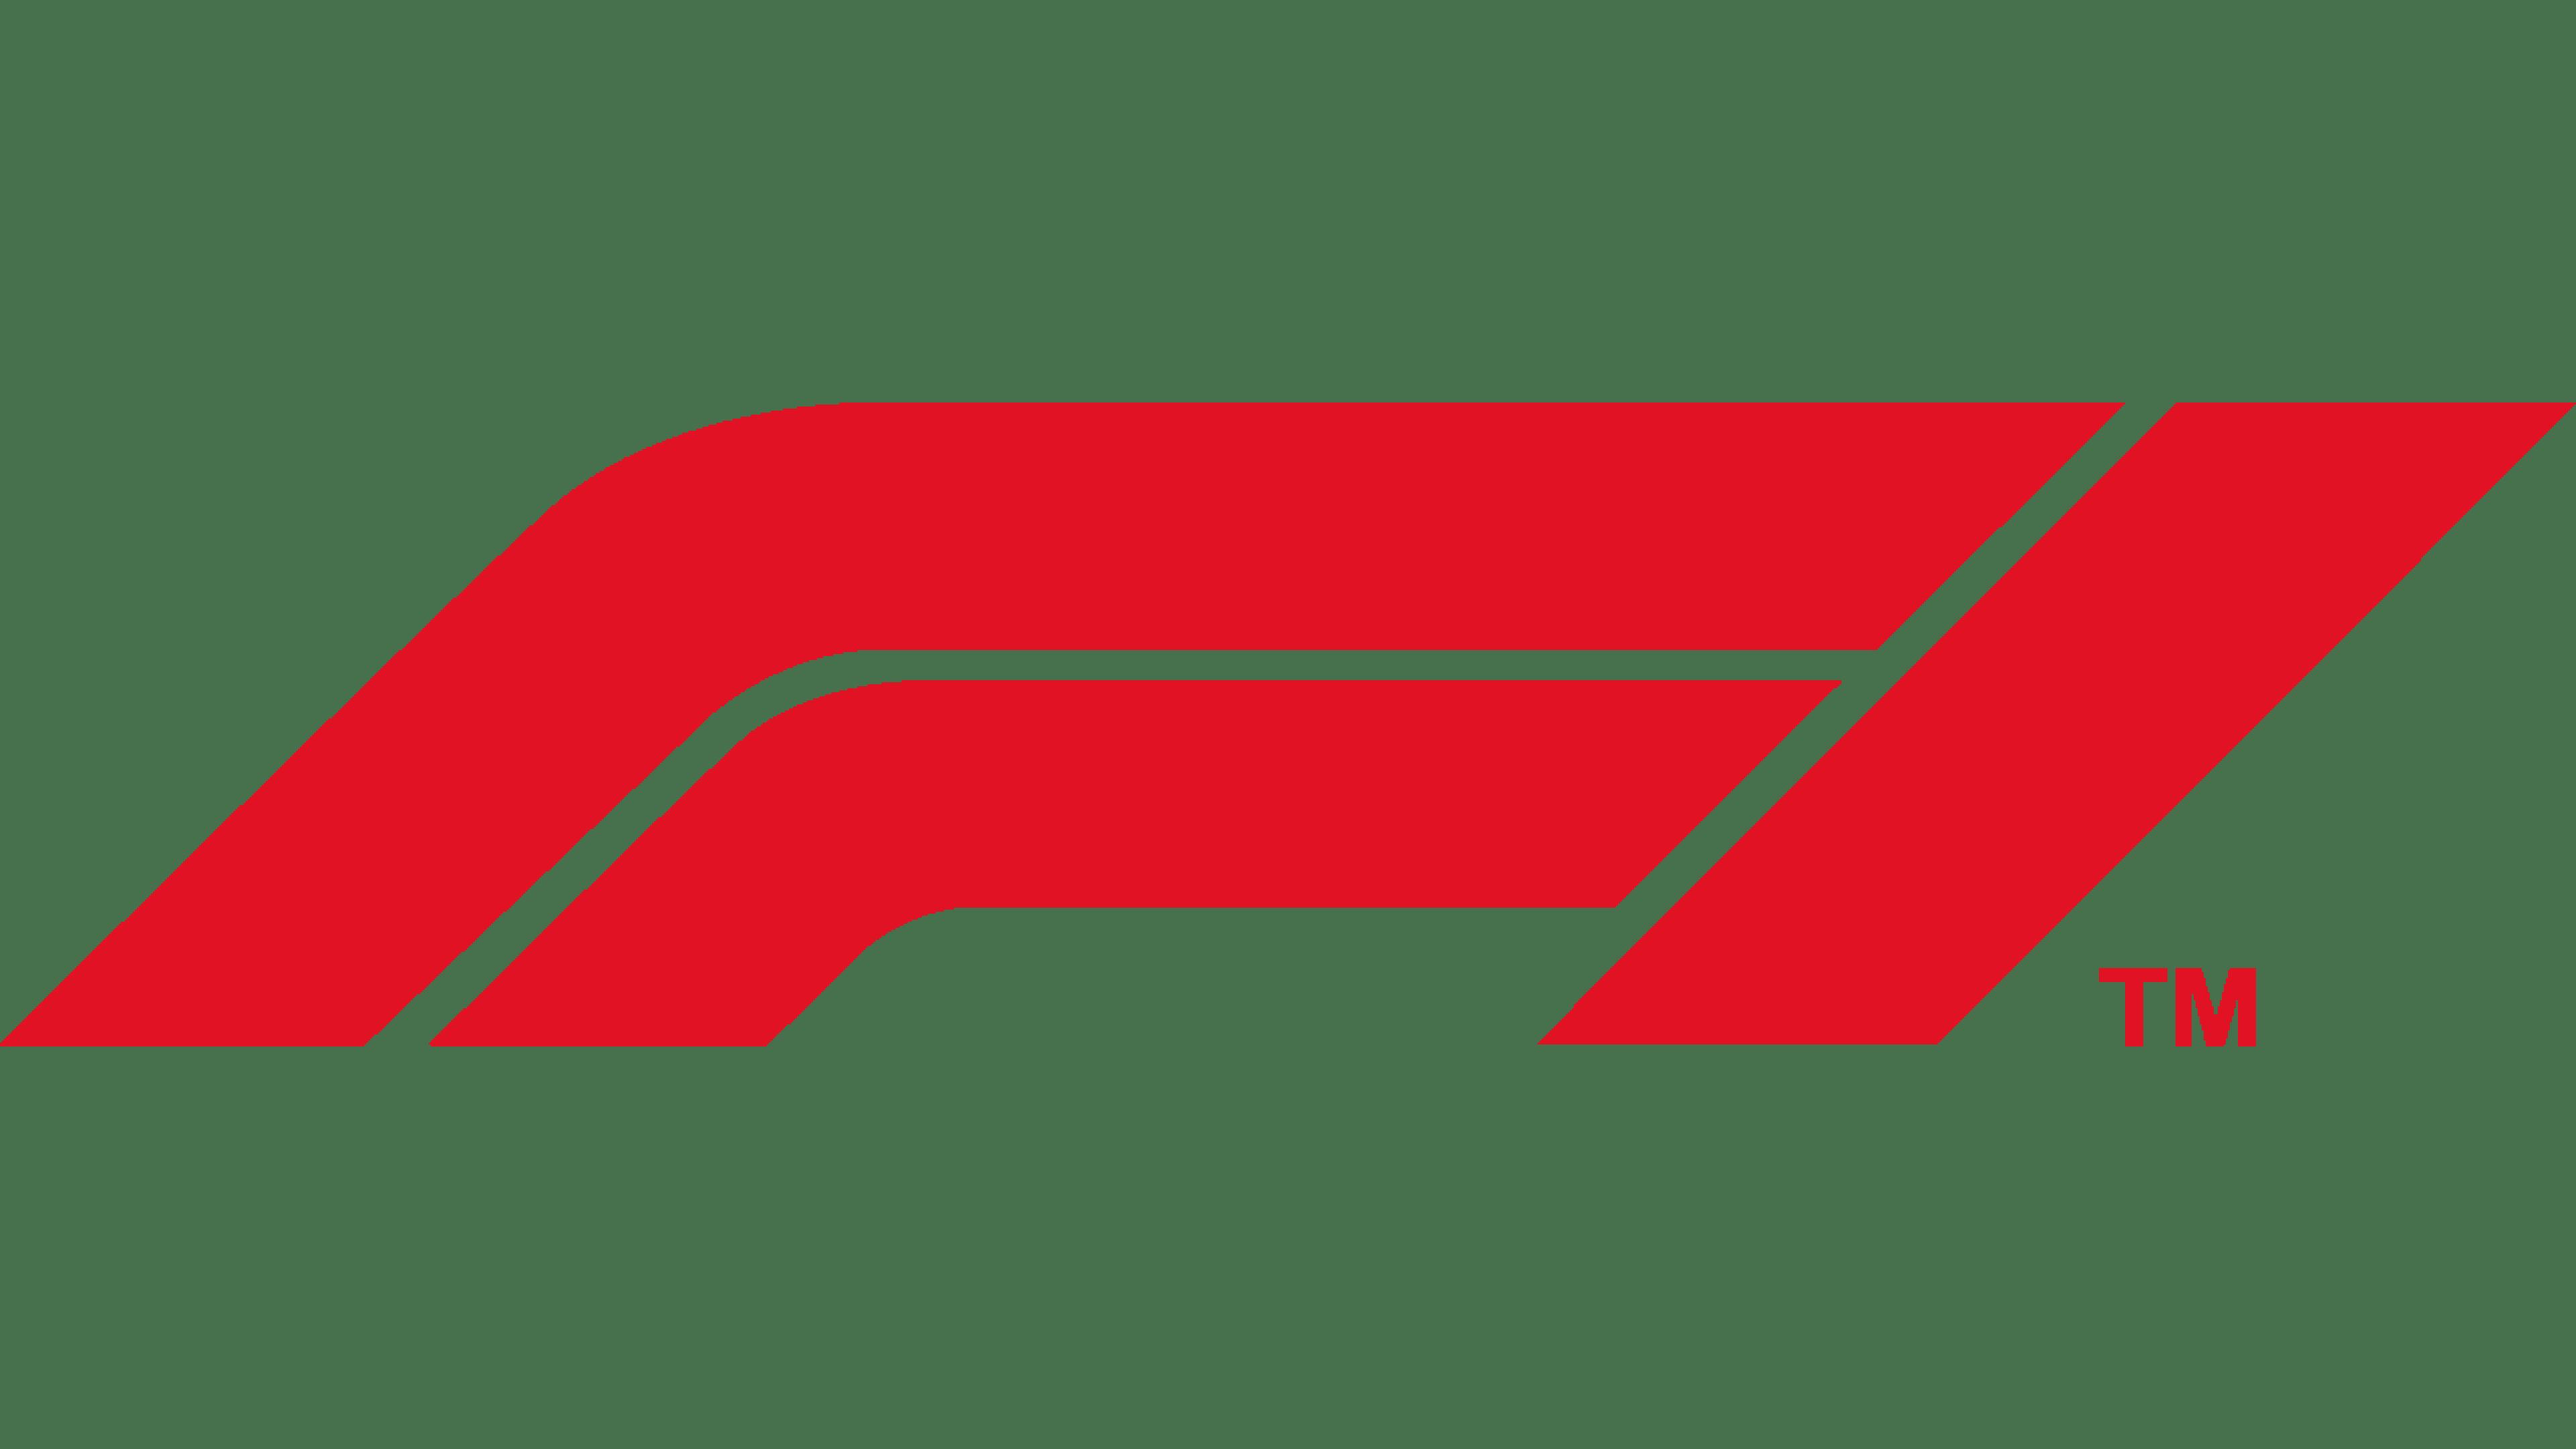 F1 Logo Logo